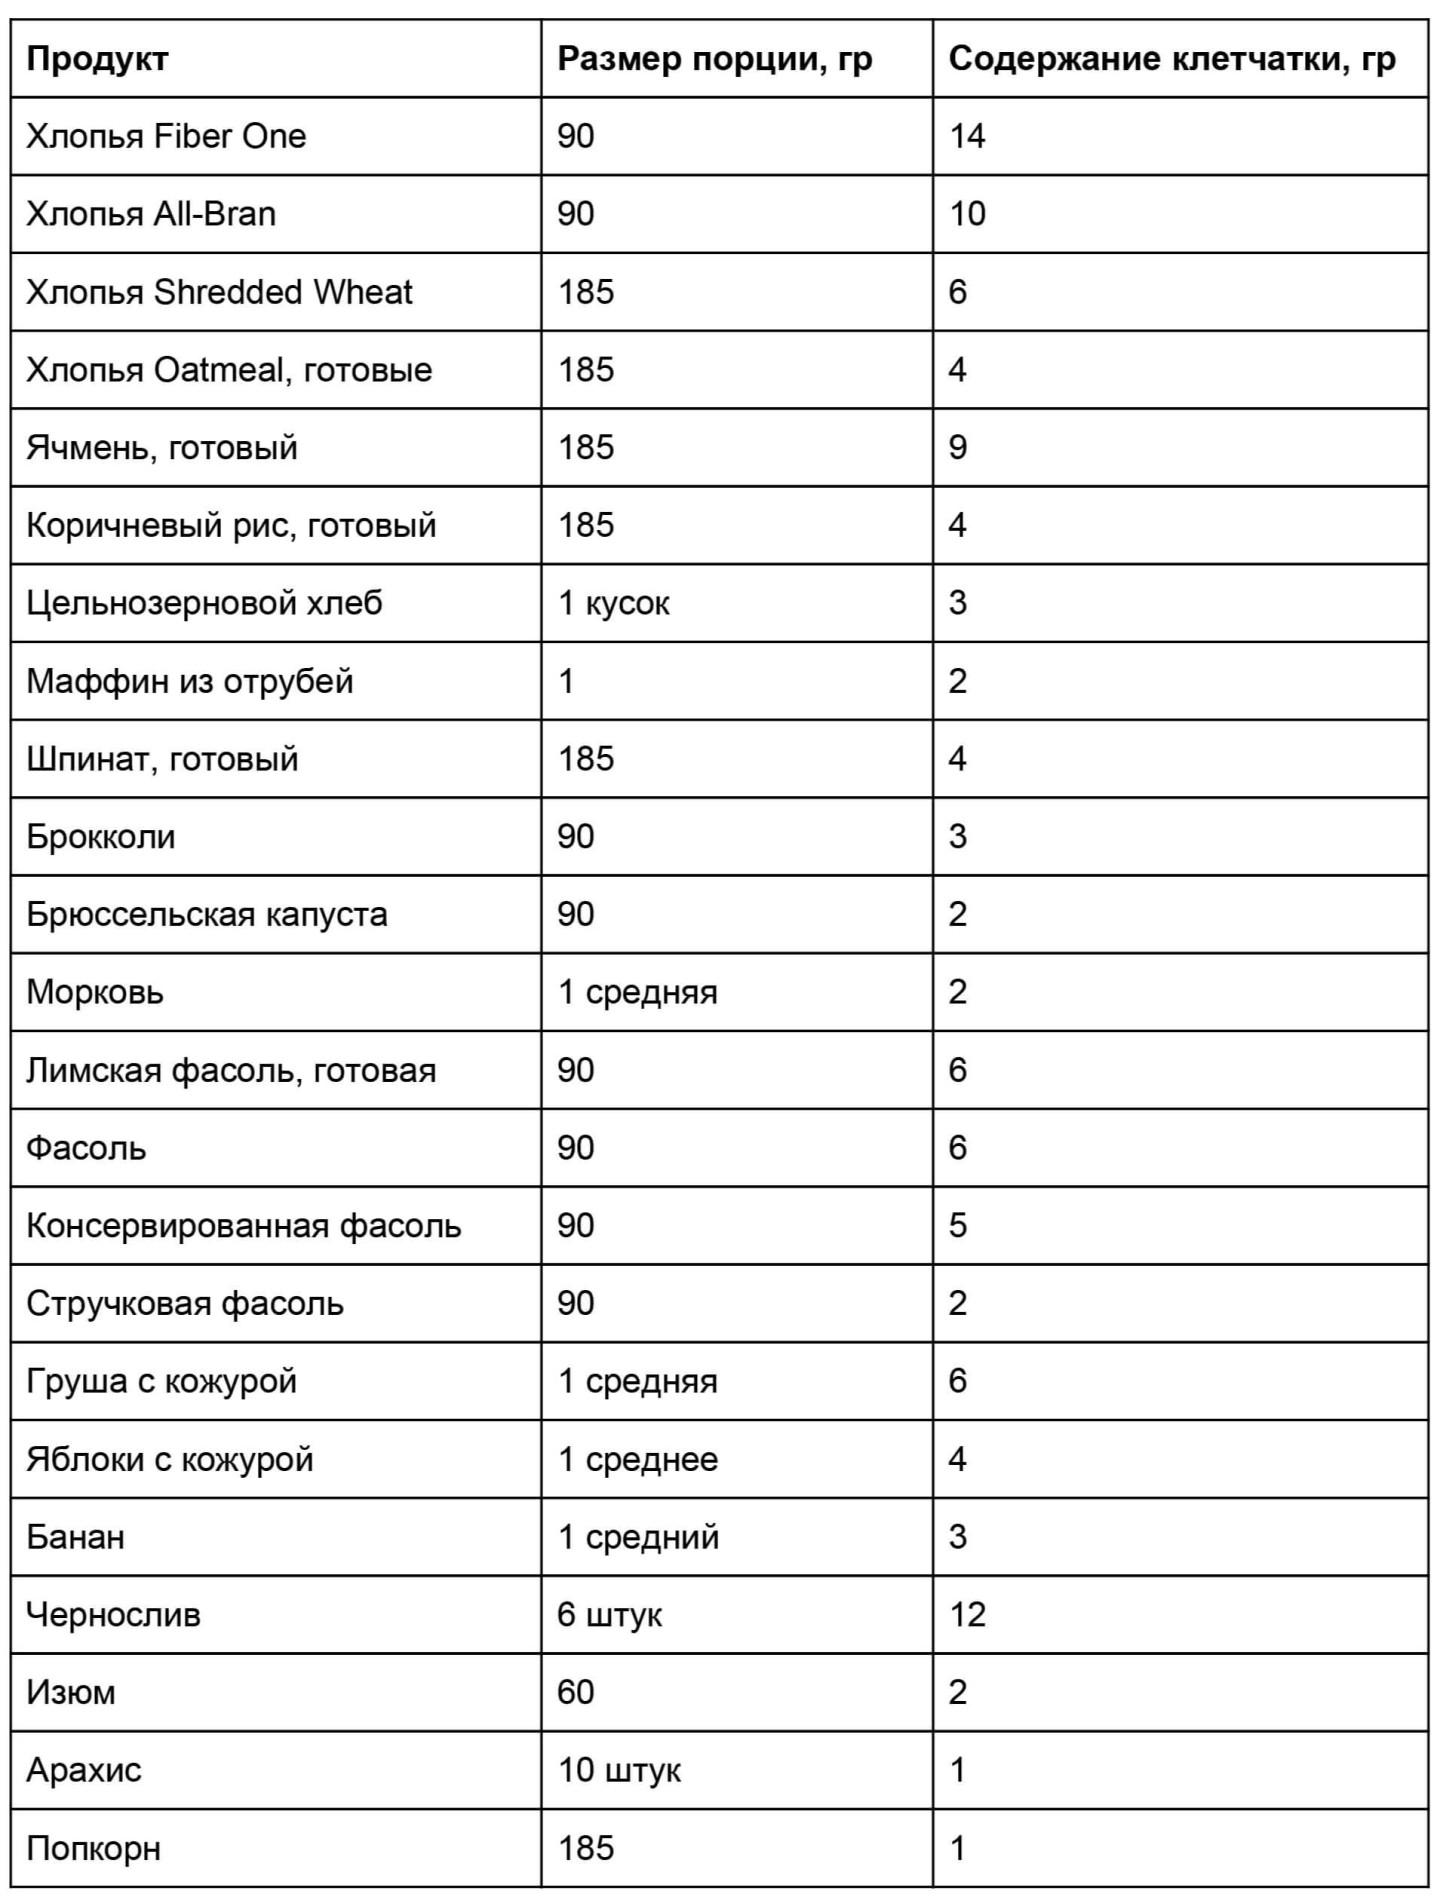 Фото: Таблица: содержание клетчатки в продуктах